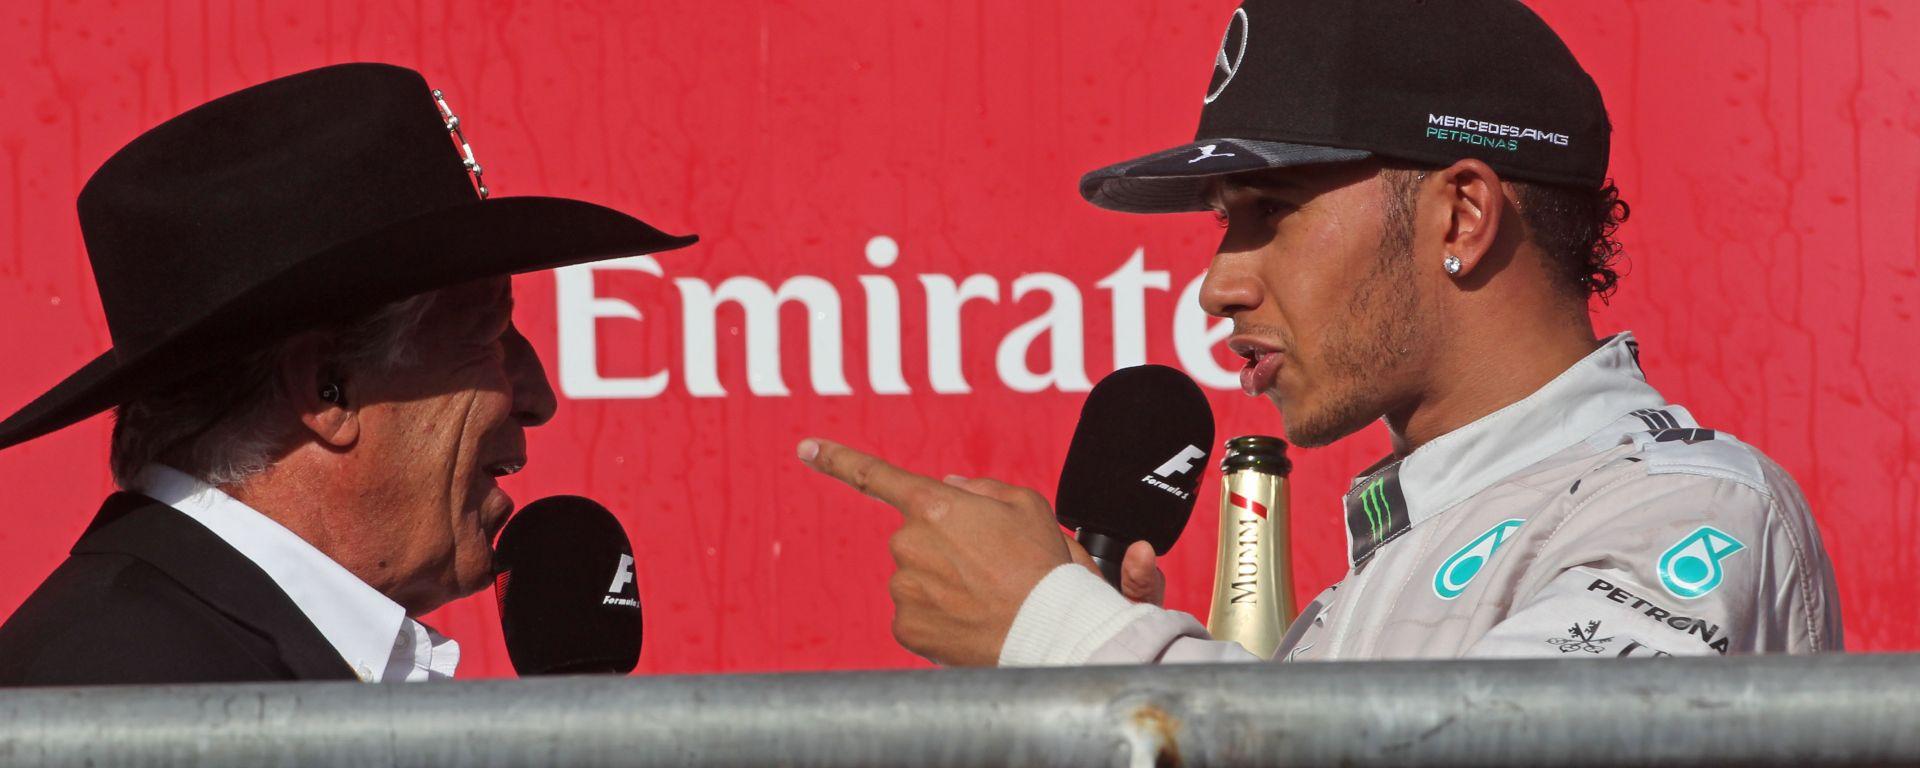 F1: Mario Andretti e Lewis Hamilton sul podio di Austin